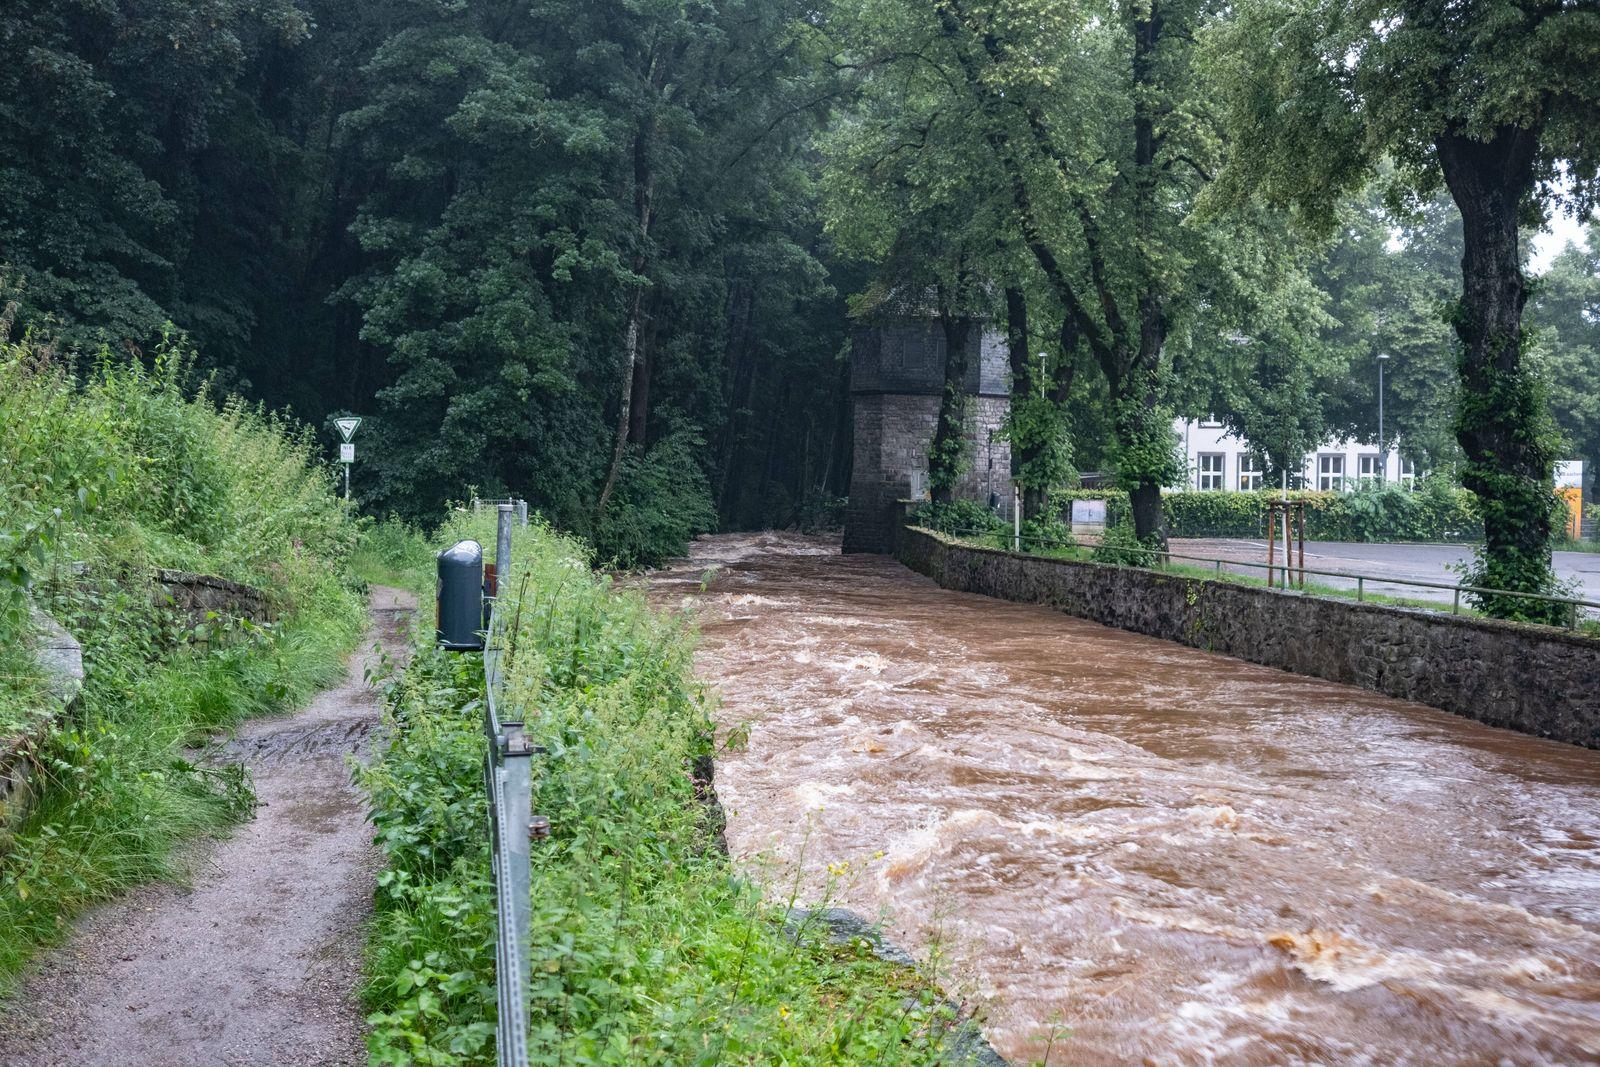 Die Altstadt von Kornelimuenster steht unter Wasser. Teilweise sind die Haeuser bereits ueberflutet. Keller stehen unte